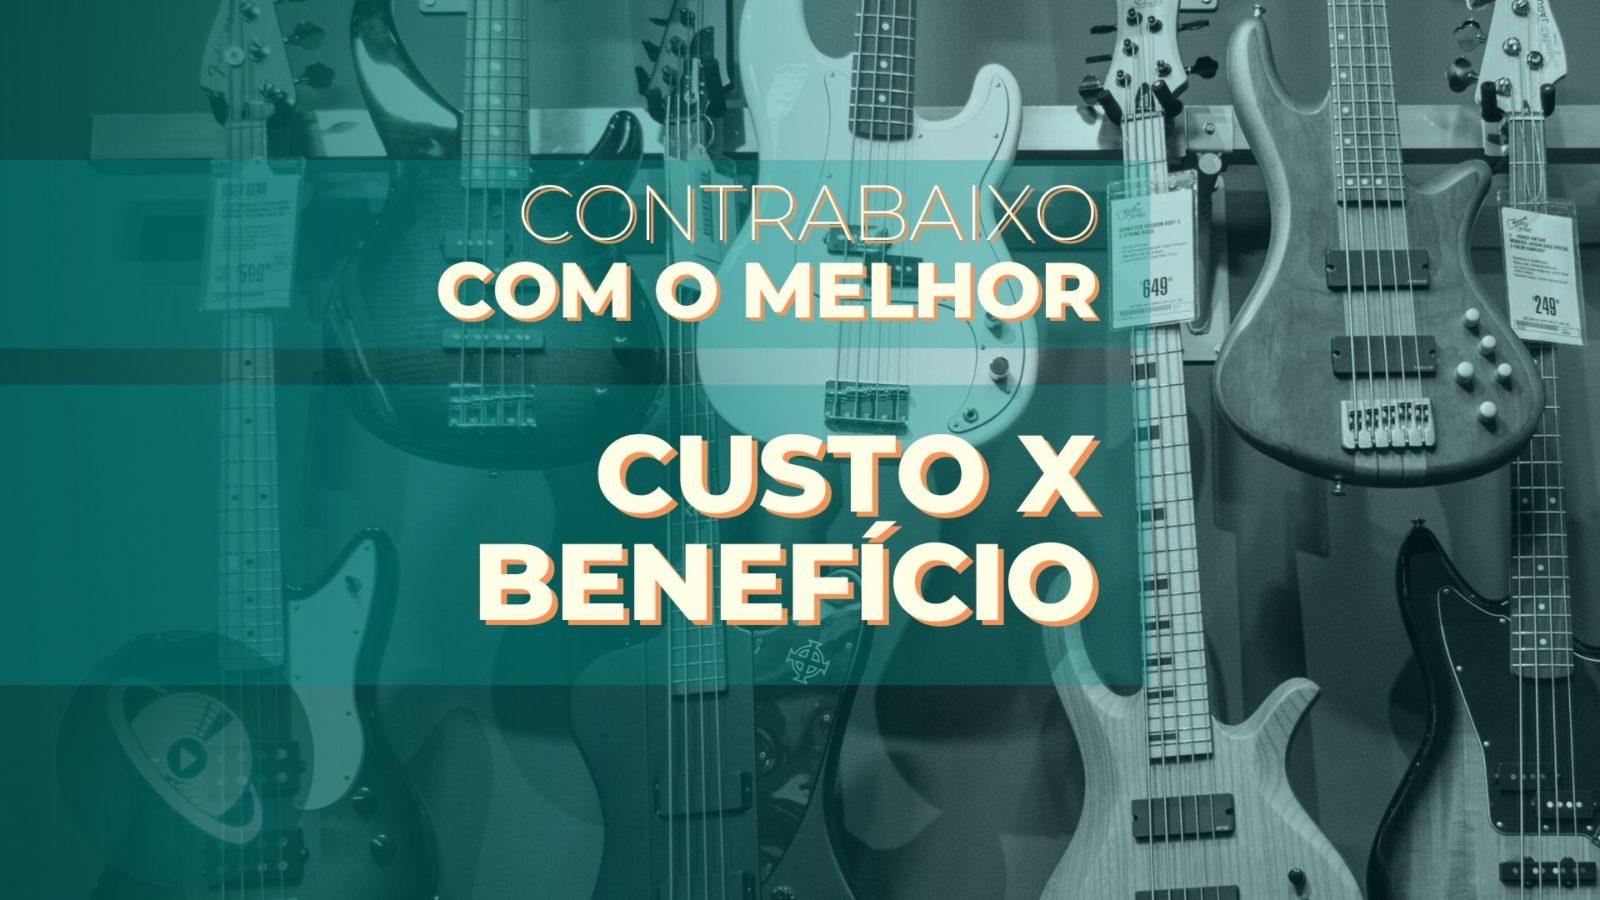 contrabaixos com o melhor custo - beneficio - Planeta Música